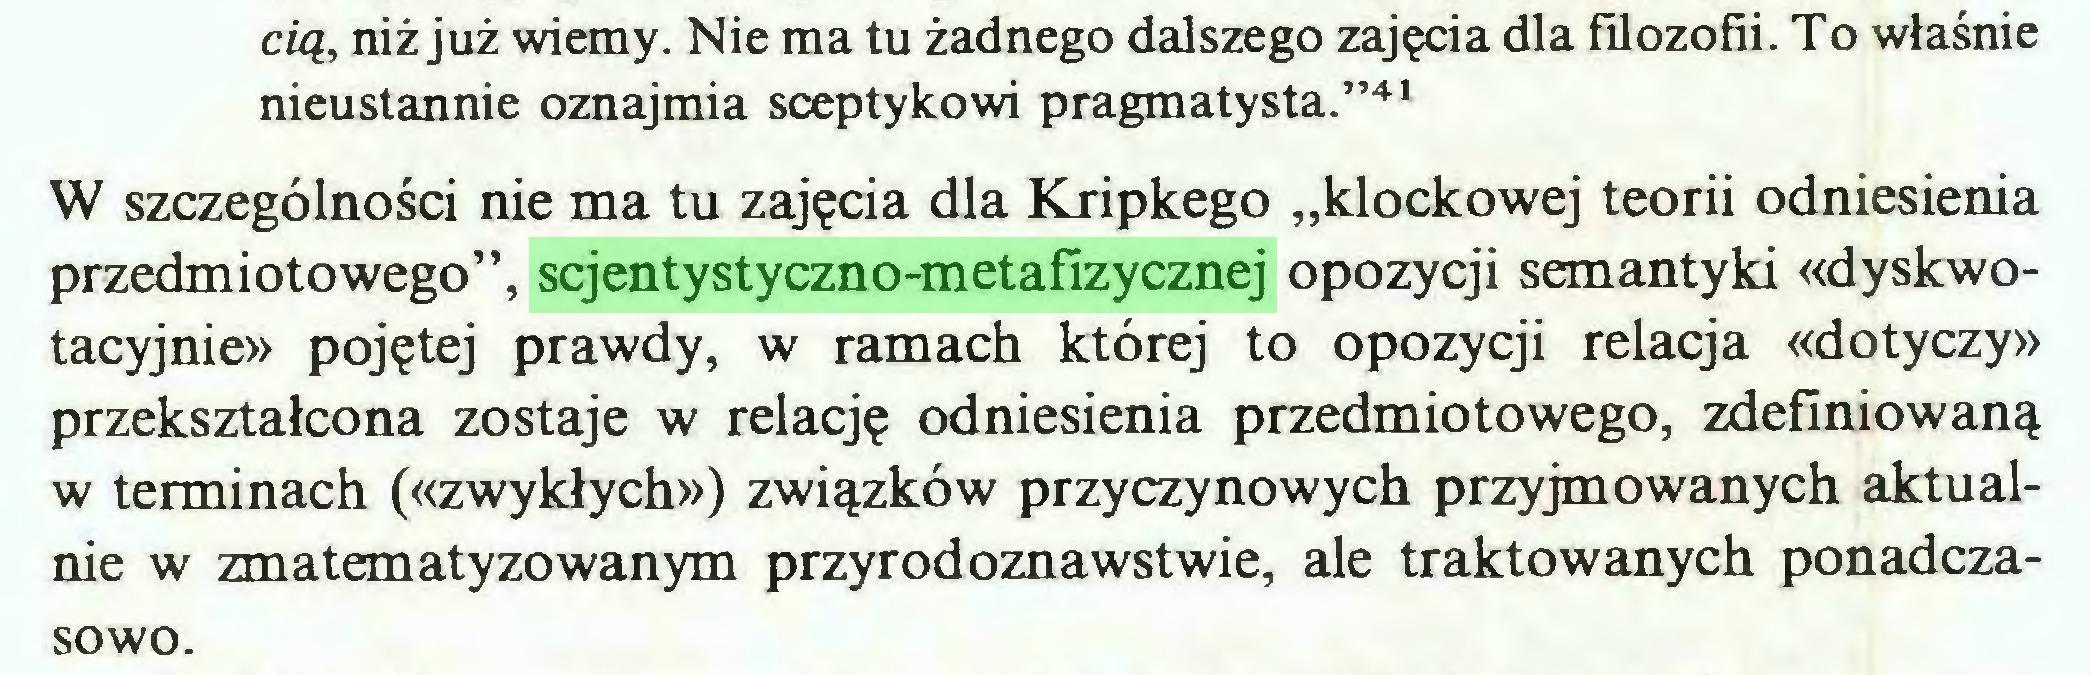 """(...) cią, niż już wiemy. Nie ma tu żadnego dalszego zajęcia dla filozofii. To właśnie nieustannie oznajmia sceptykowi pragmatysta.""""41 W szczególności nie ma tu zajęcia dla Kripkego """"klockowej teorii odniesienia przedmiotowego"""", scjentystyczno-metafizycznej opozycji semantyki «dyskwotacyjnie» pojętej prawdy, w ramach której to opozycji relacja «dotyczy» przekształcona zostaje w relację odniesienia przedmiotowego, zdefiniowaną w terminach («zwykłych») związków przyczynowych przyjmowanych aktualnie w zmatematyzowanym przyrodoznawstwie, ale traktowanych ponadczasowo..."""